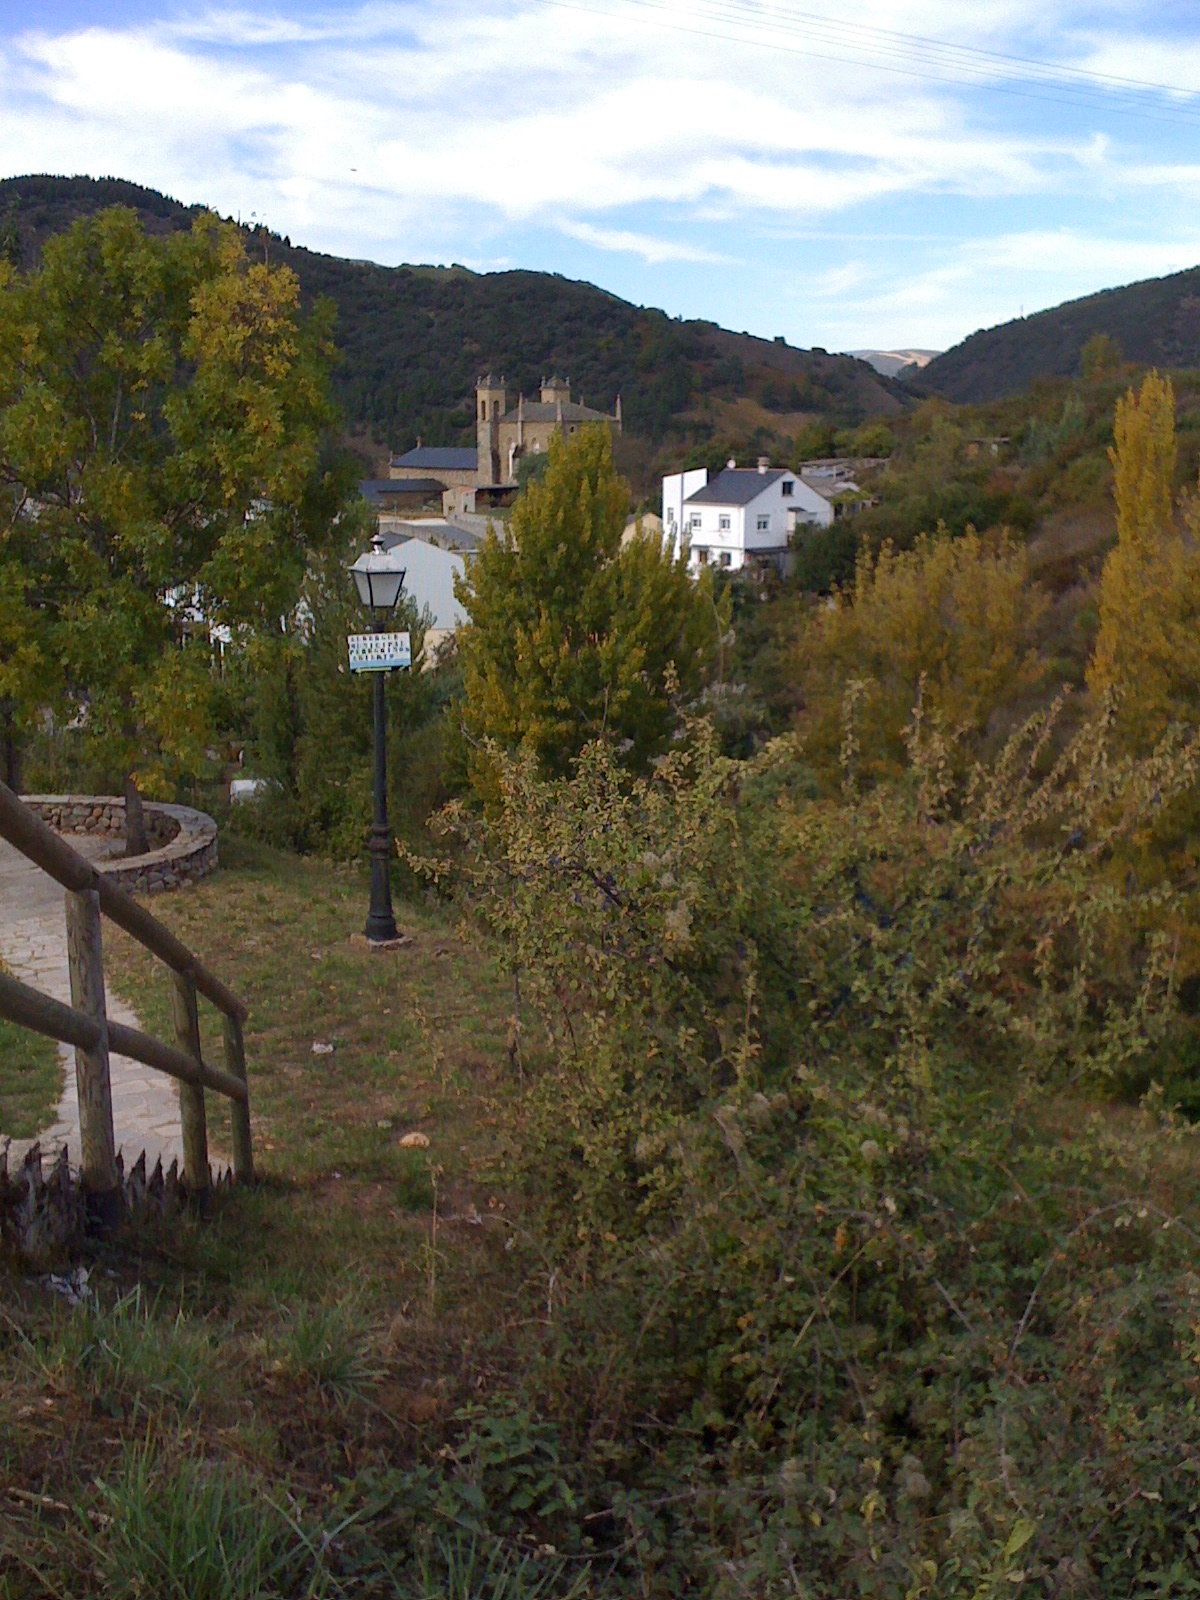 Villa Franca del Biero